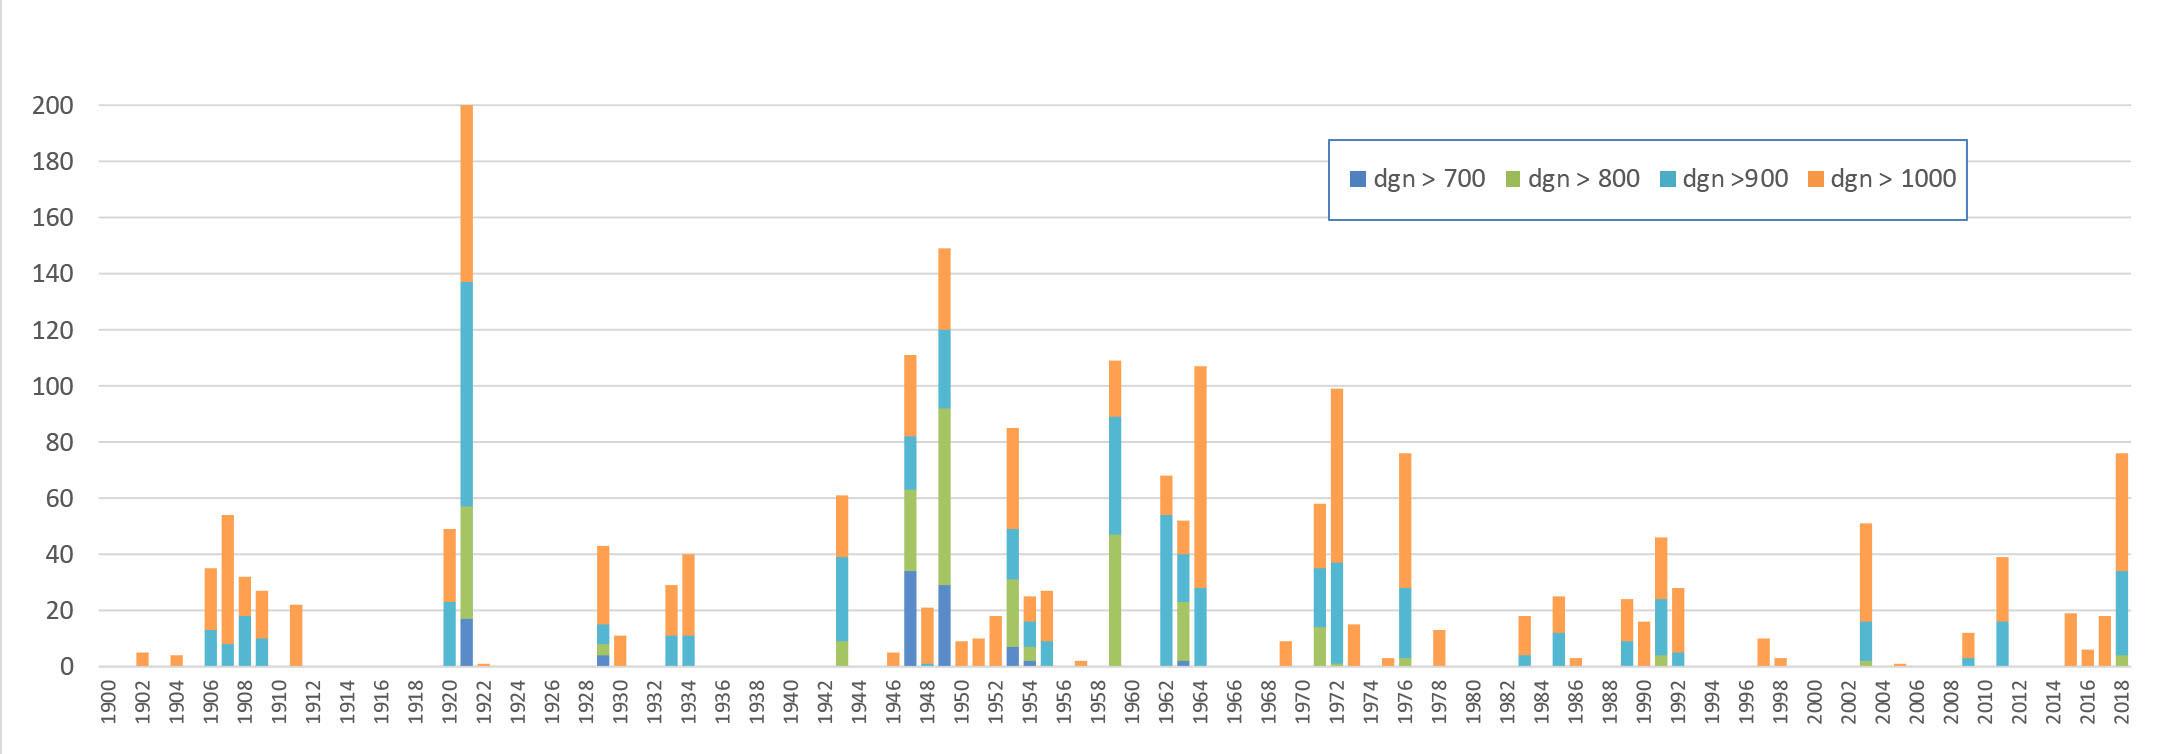 Aantal dagen met lage tot zeer lage afvoeren per jaar